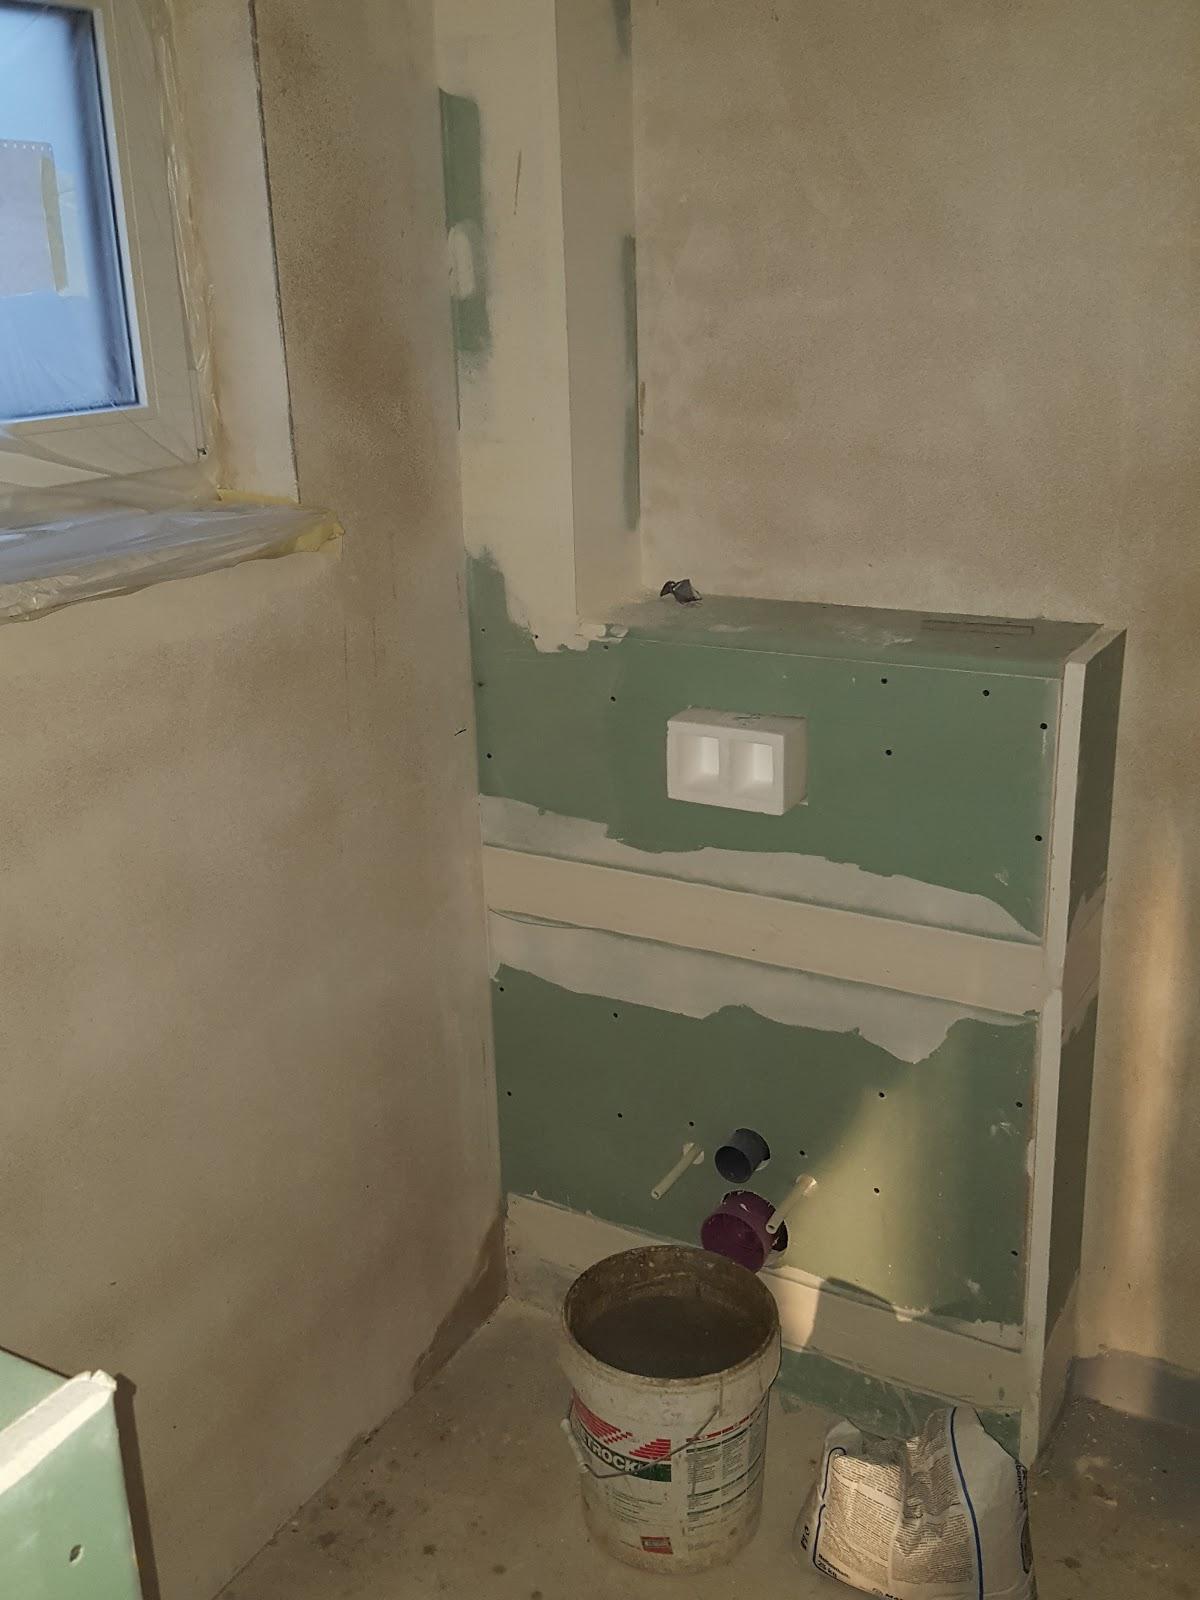 TAG 117   Maler Spachteln TH, WC Und Flur Oben / Verschluss Falsche  Deckendurchbrüche Und Einschlagen Rosetten / Spachteln Abstellraum,  Grundieren 2 Wände ...